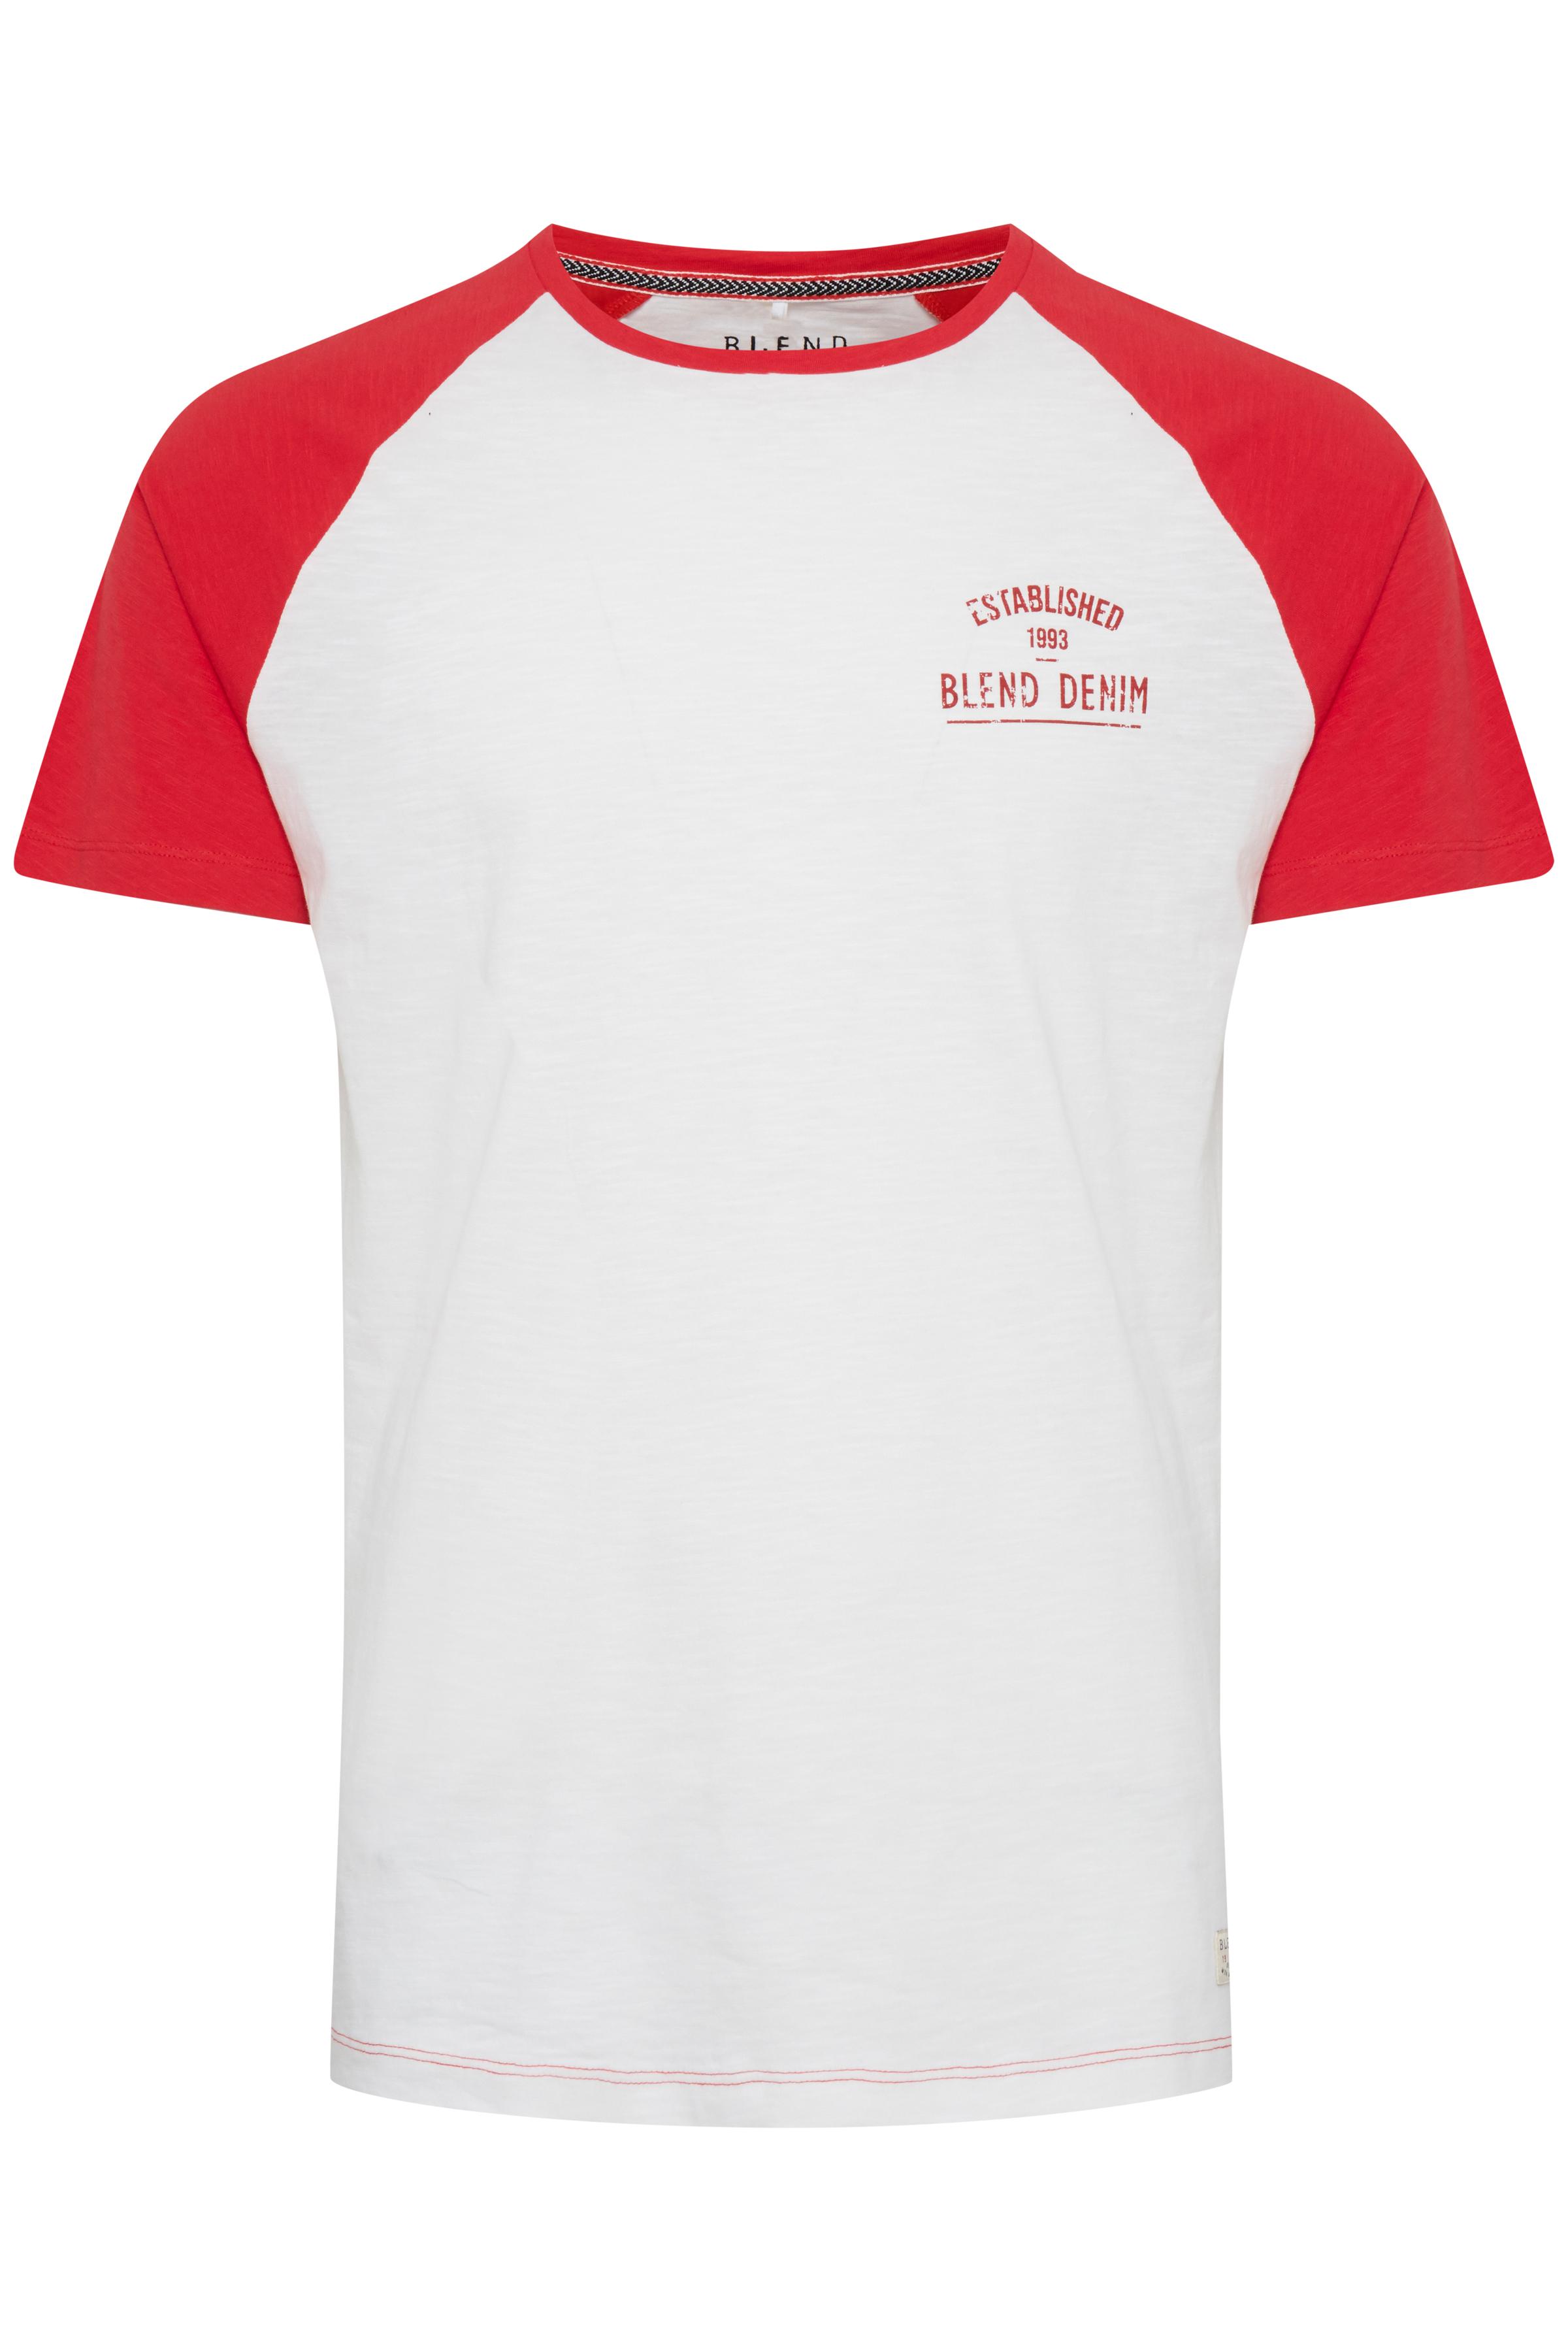 Image of Blend He Herre Kortærmet T-shirt - Hvid/rød